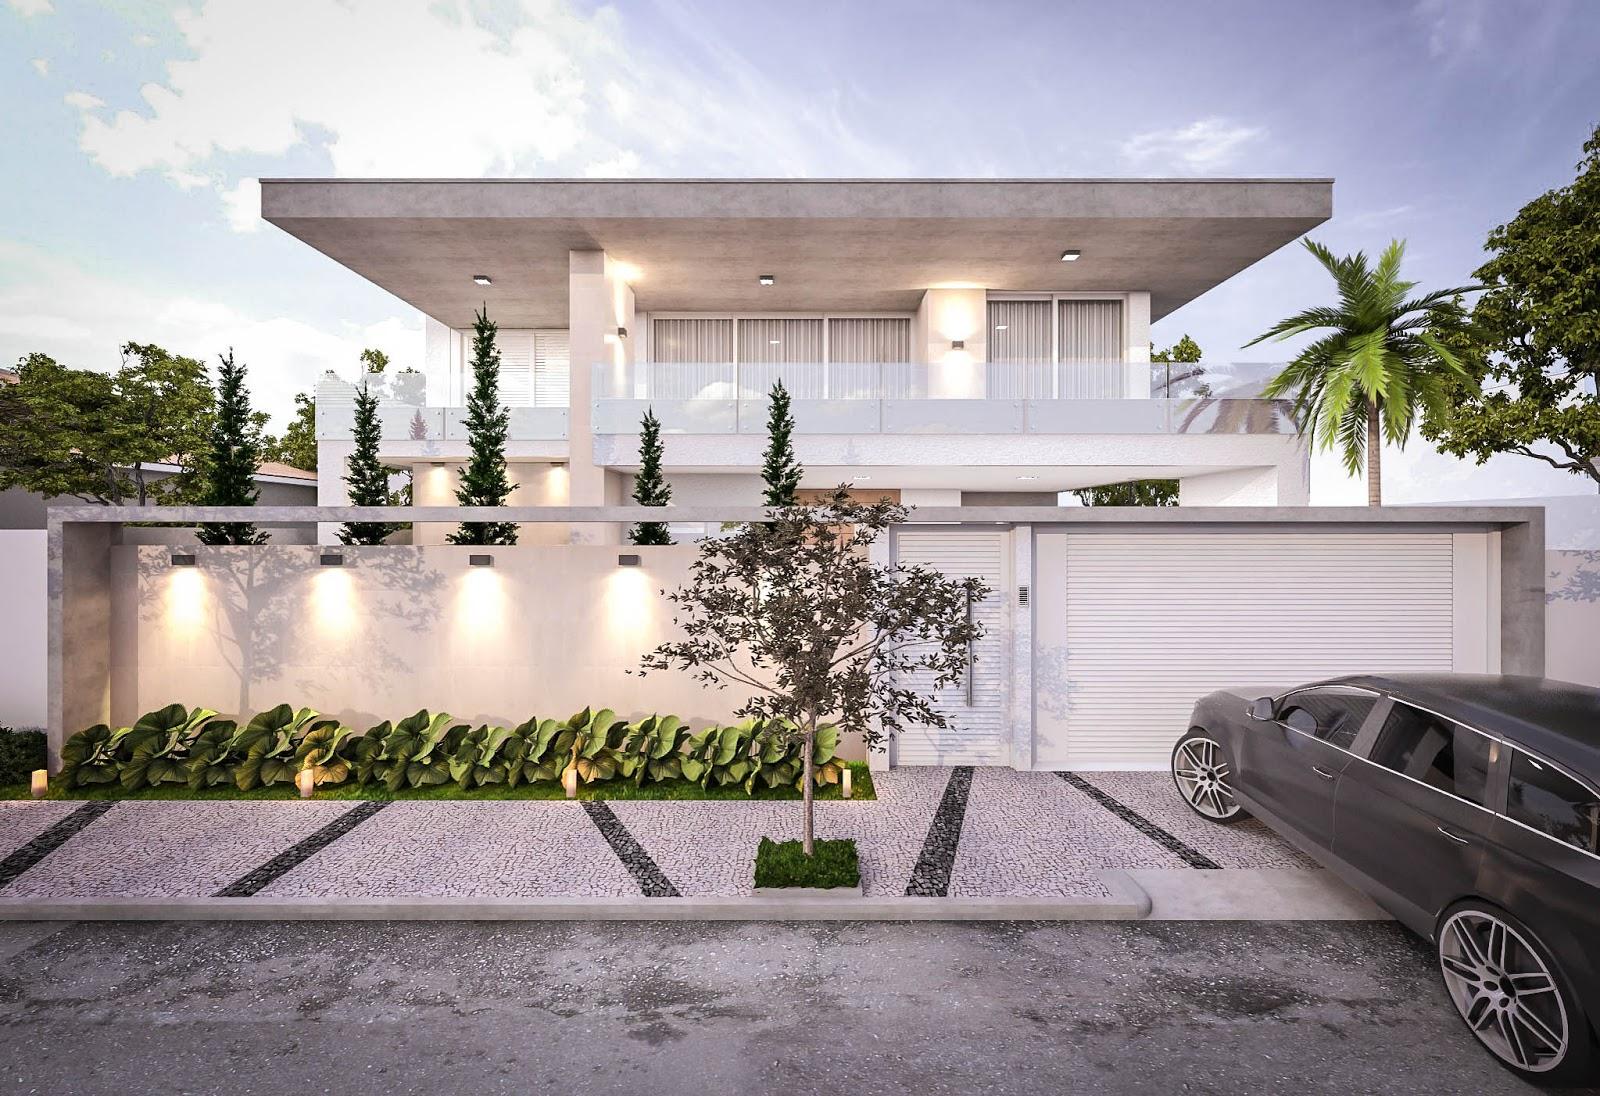 Arquitecto mondlane joaquim residencia t5 em luanda for Arquitecto t4